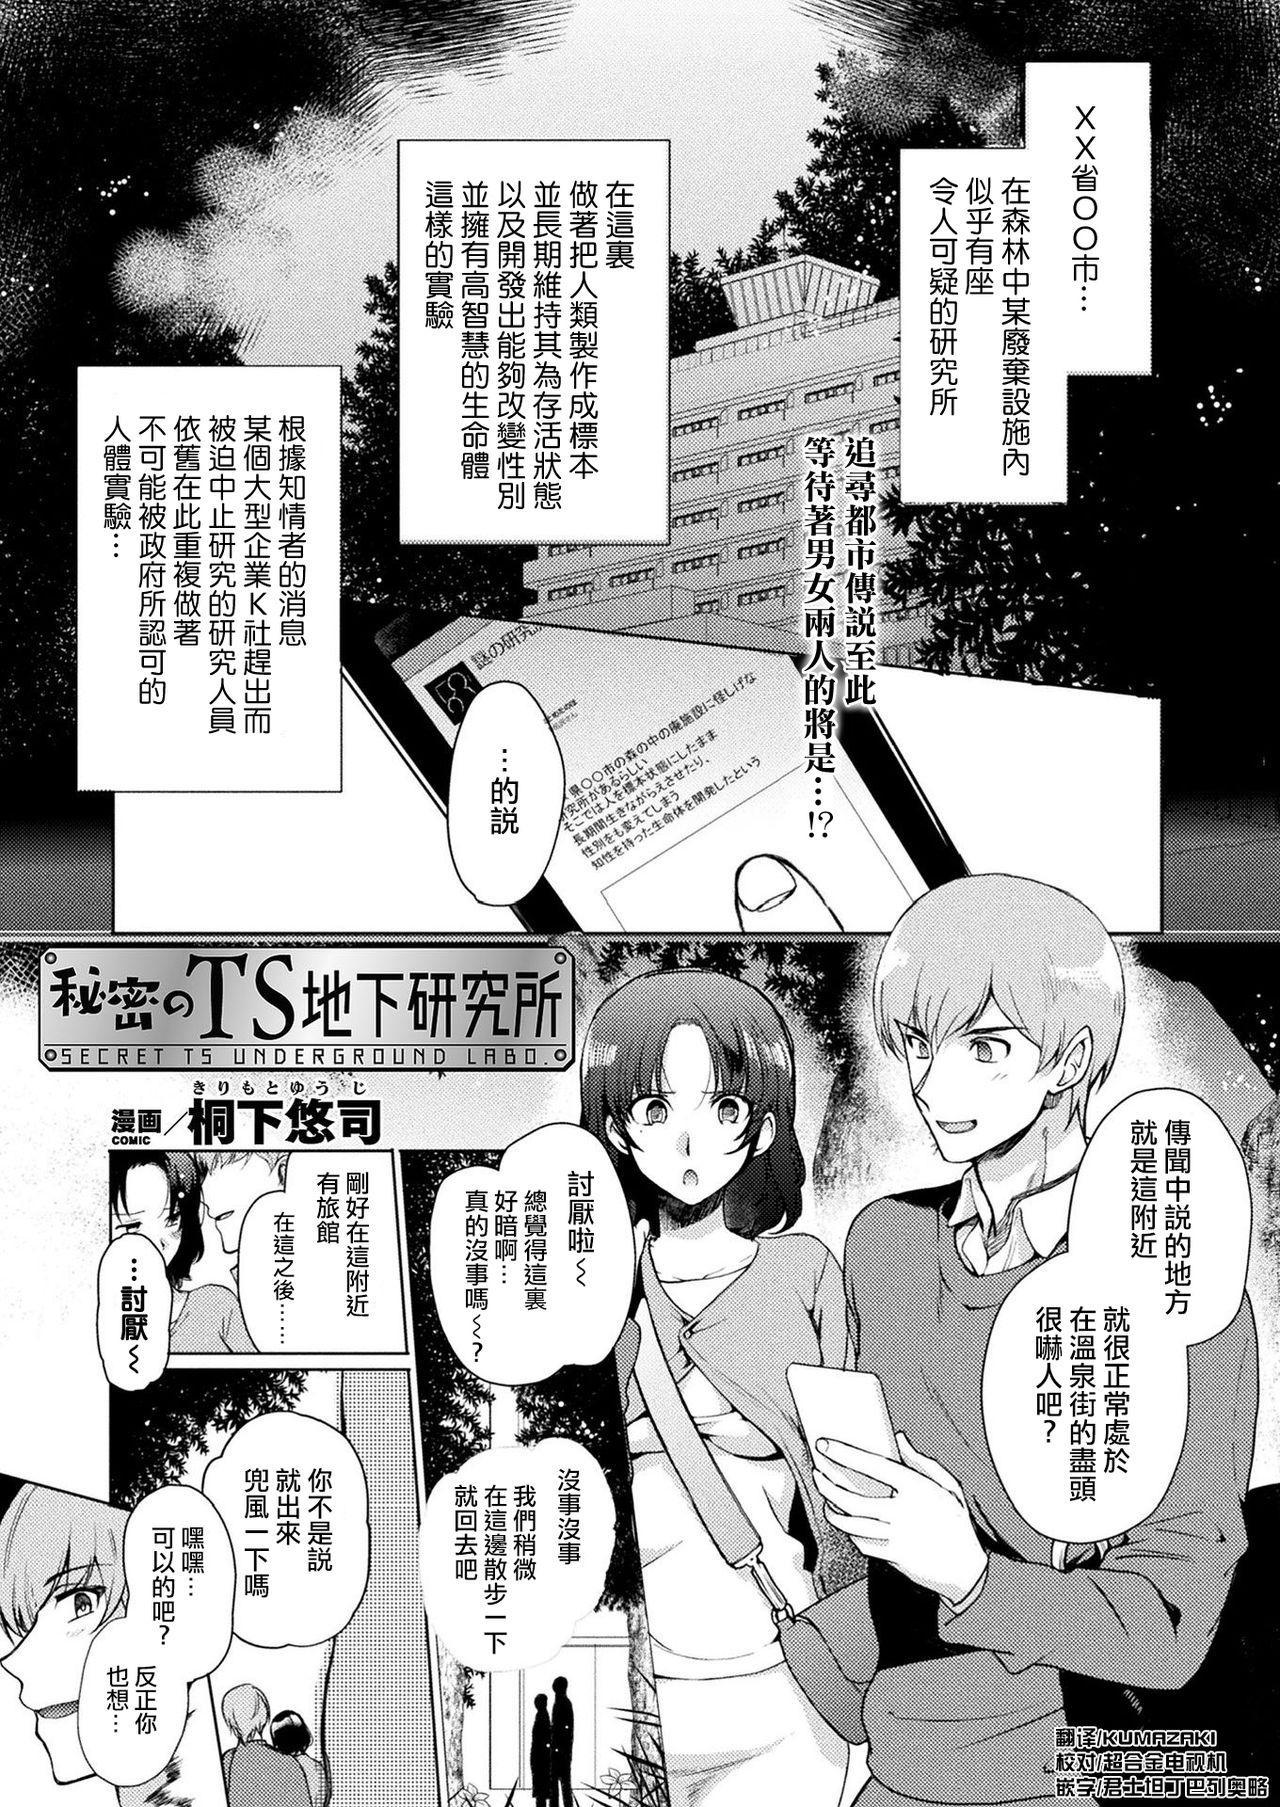 Himitsu no TS Chika Kenkyuujo 0